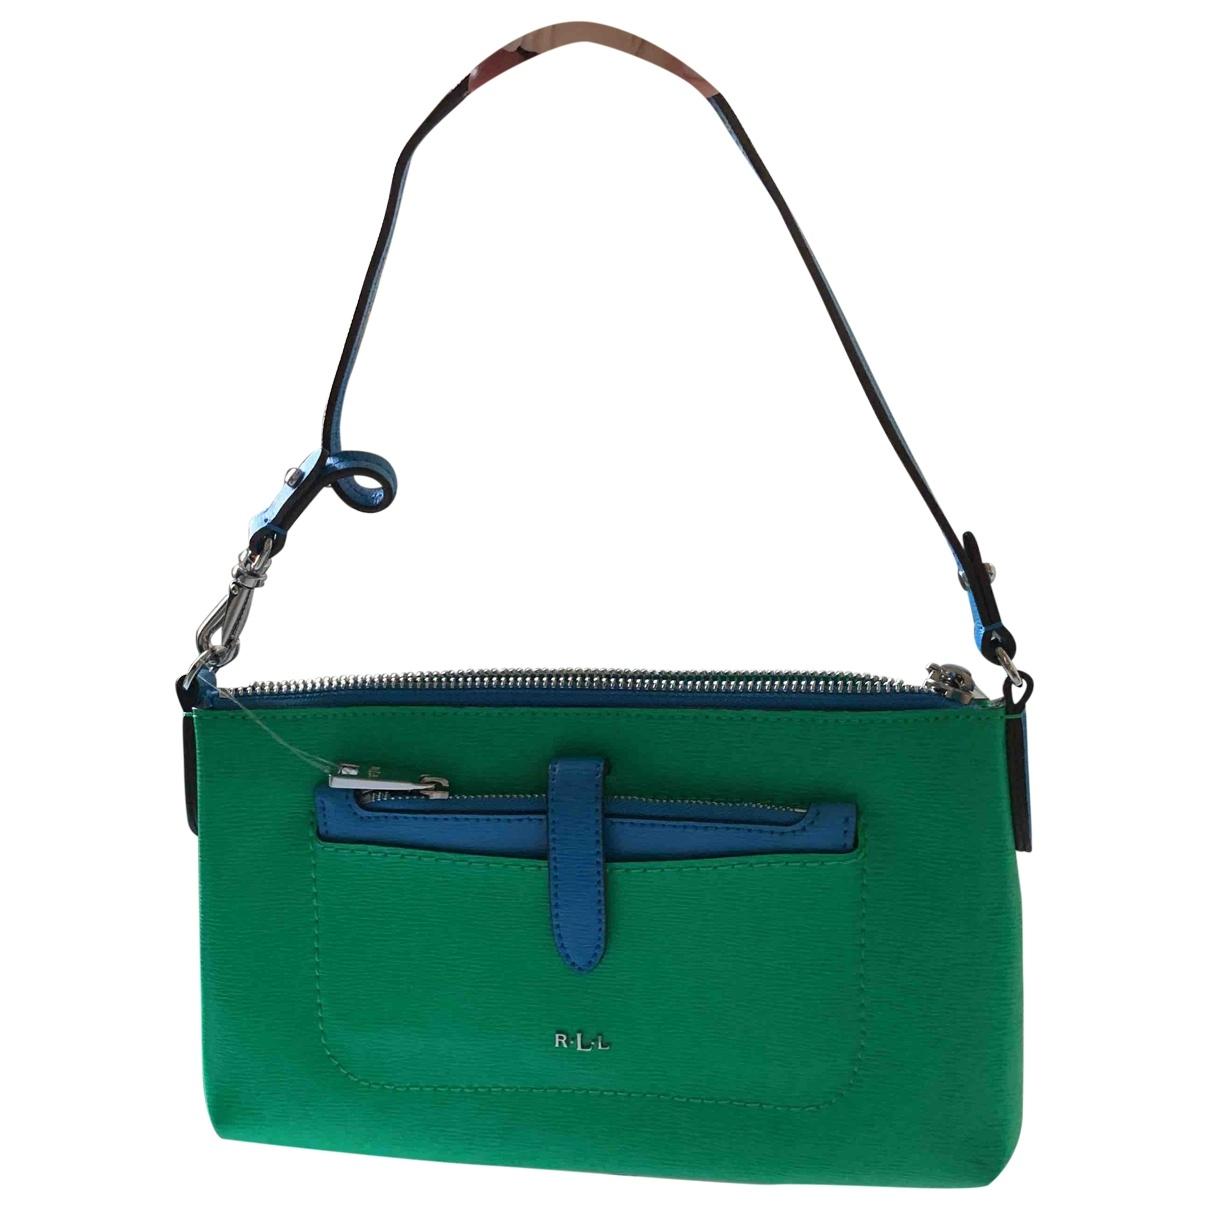 Lauren Ralph Lauren \N Green Leather Clutch bag for Women \N